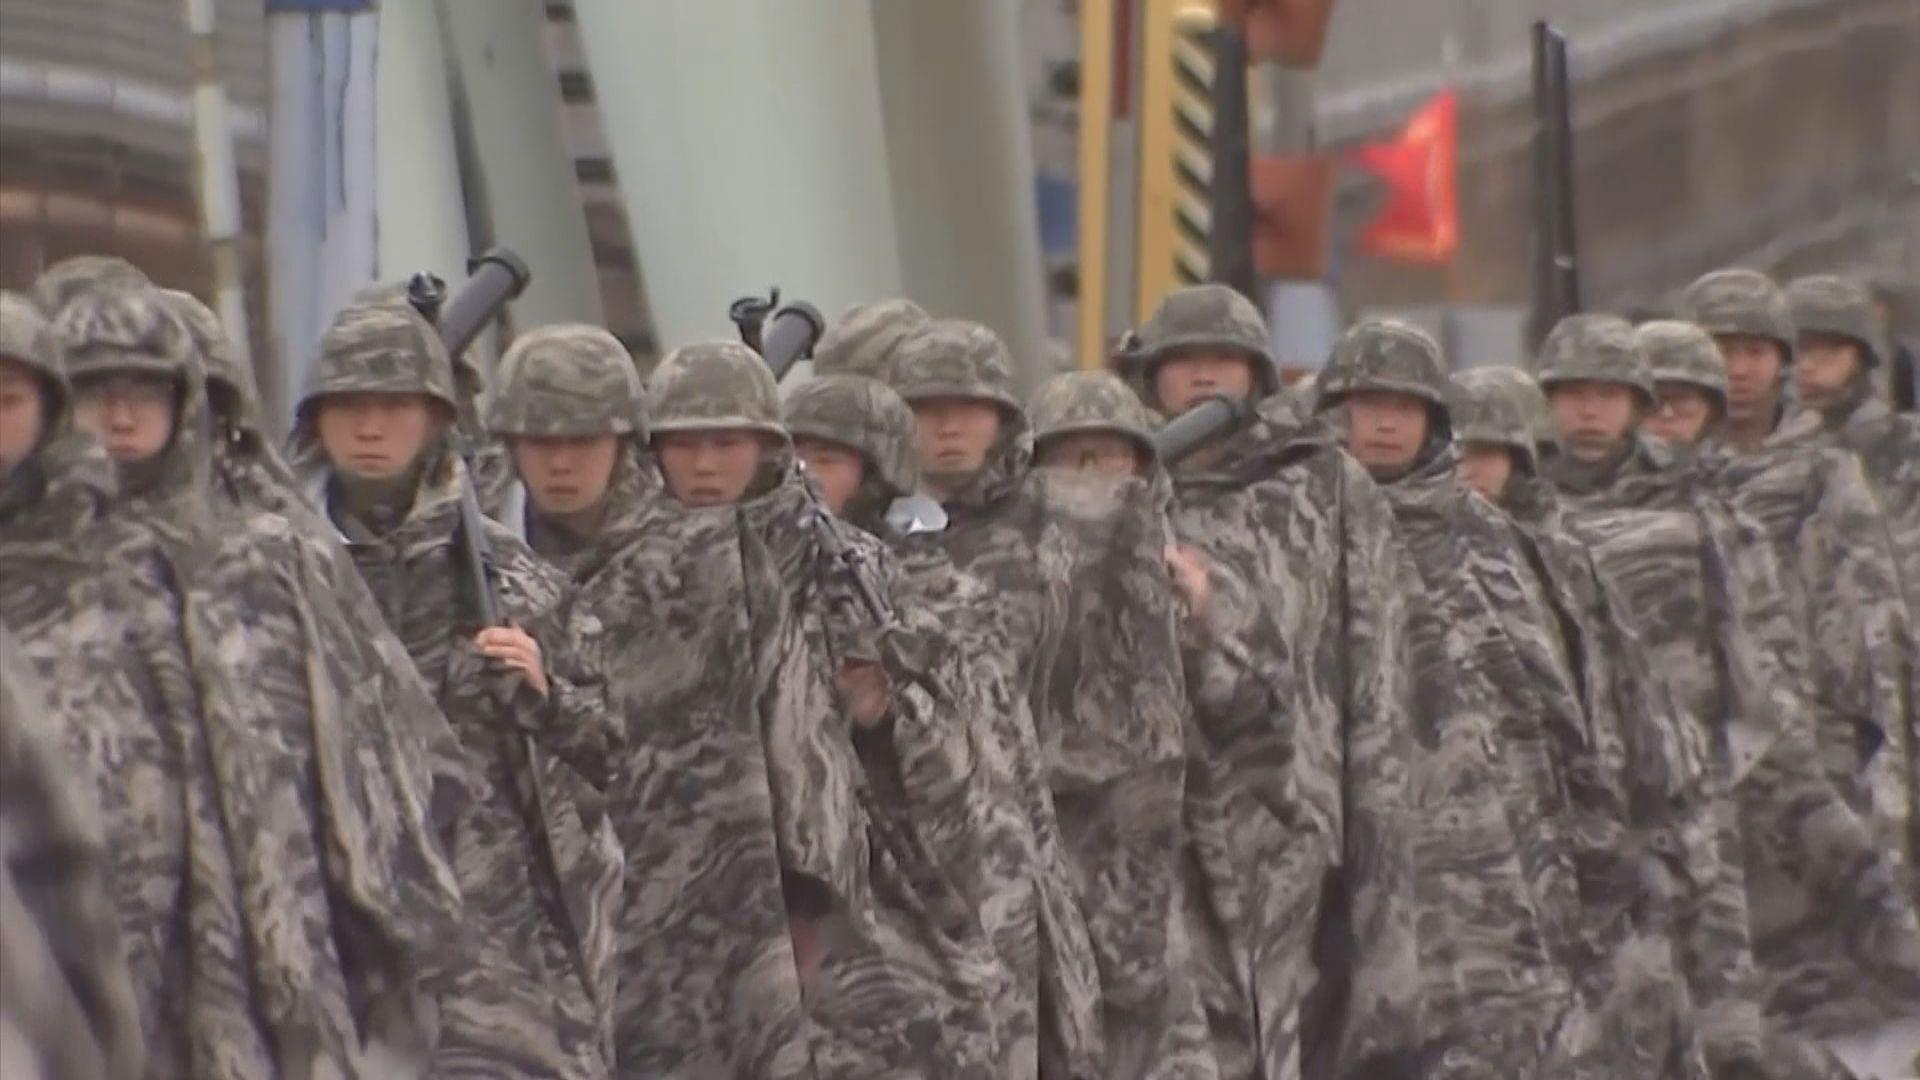 【環球薈報】南韓奧運選手若奪獎牌可獲豁免兵役